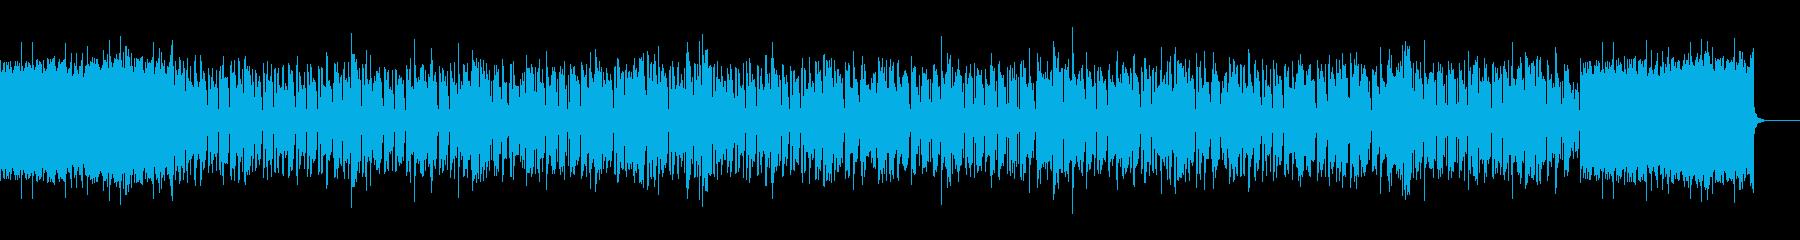 軽快でスタイリッシなエレクトロBGMの再生済みの波形